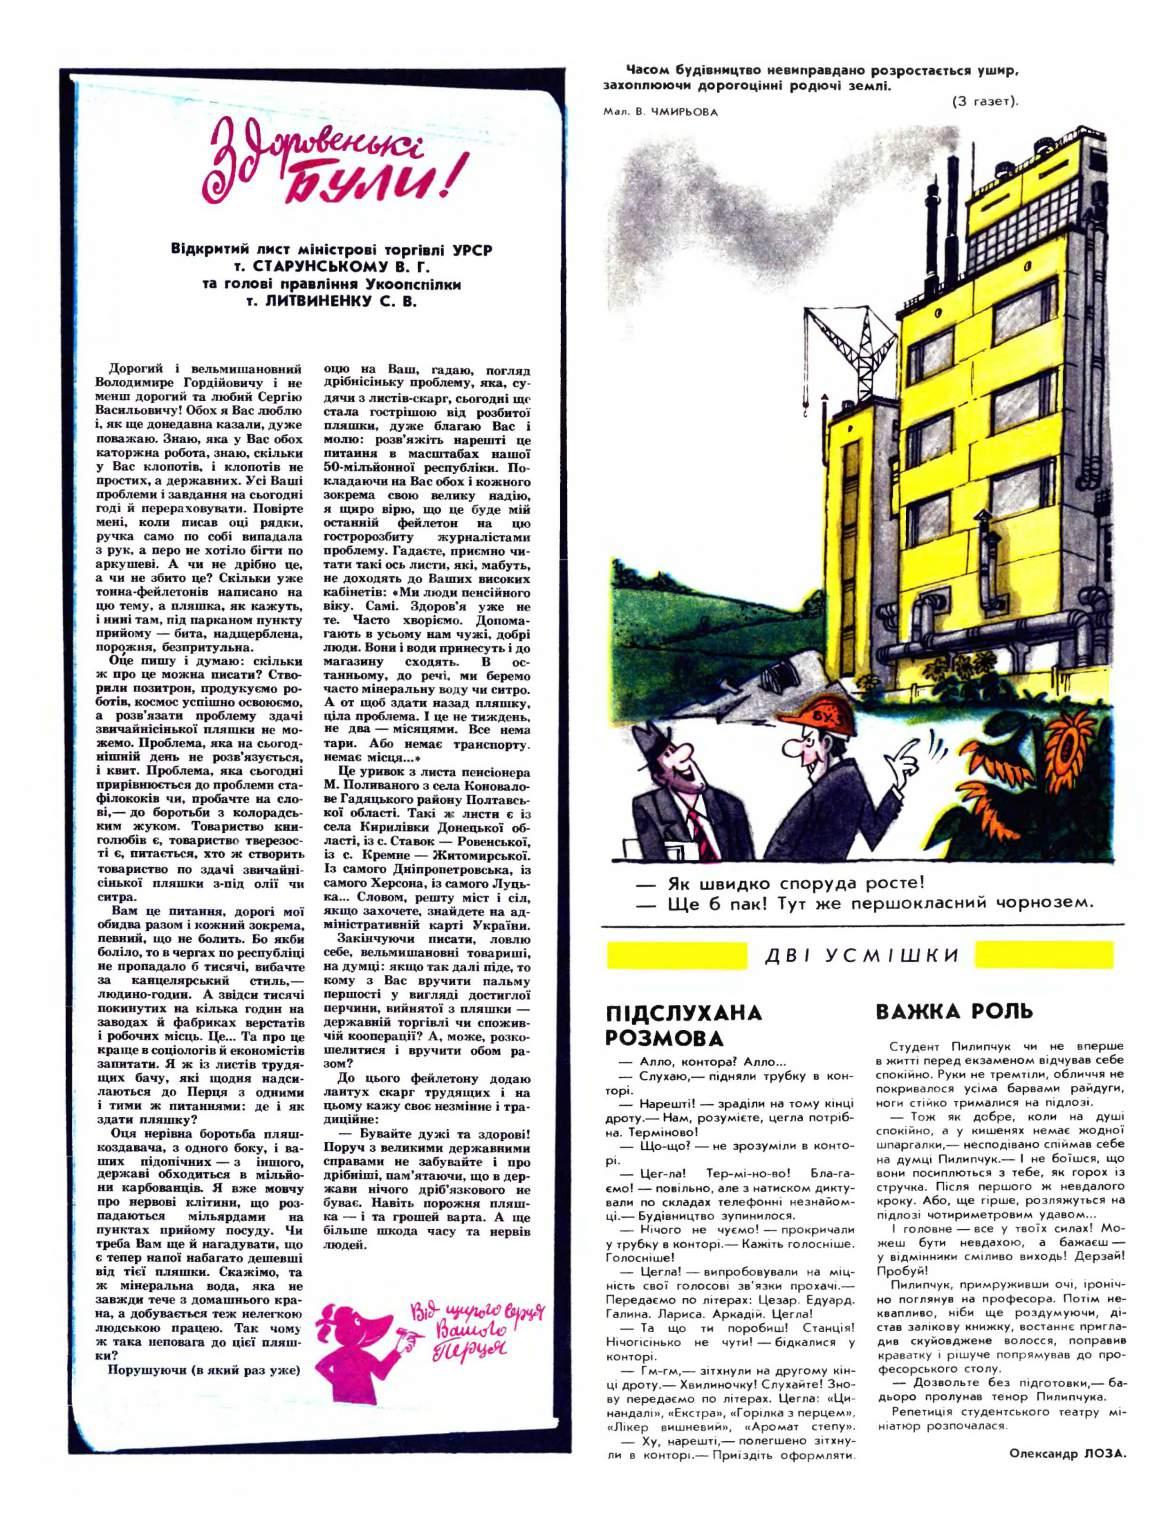 Журнал перець 1986 №12